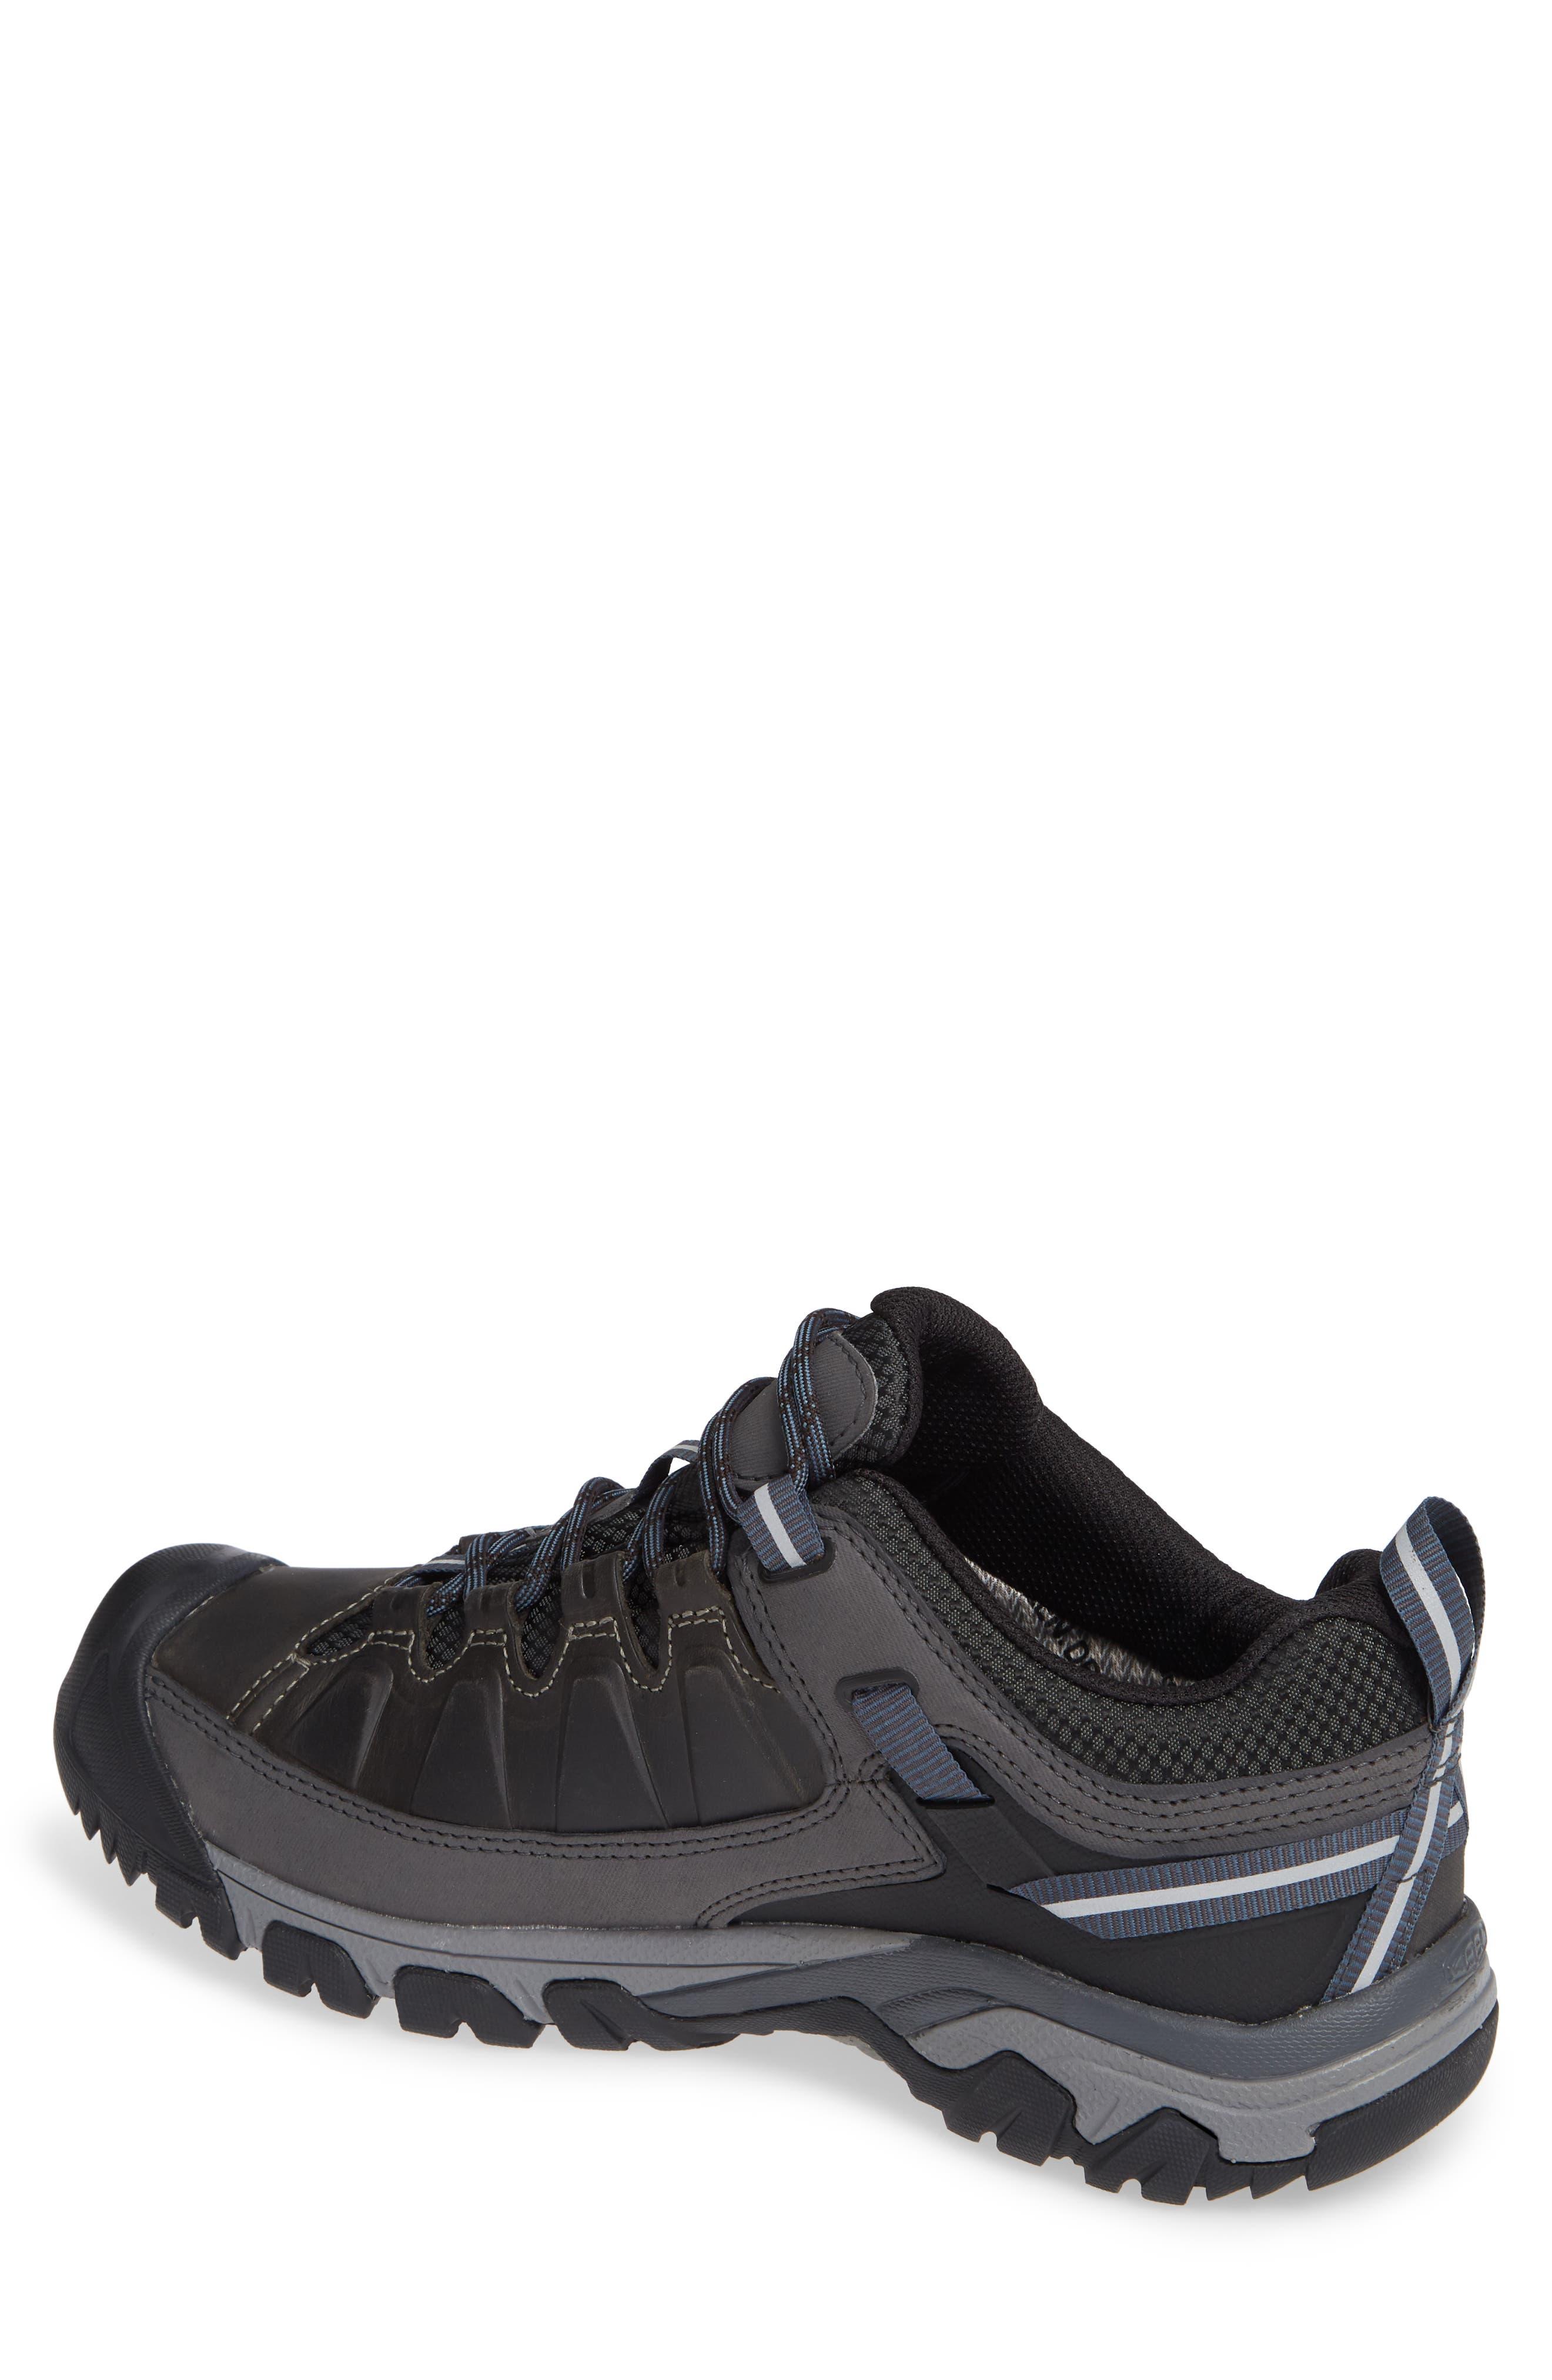 Targhee III Waterproof Hiking Shoe,                             Alternate thumbnail 2, color,                             STEEL GREY/ CAPTAINS BLUE